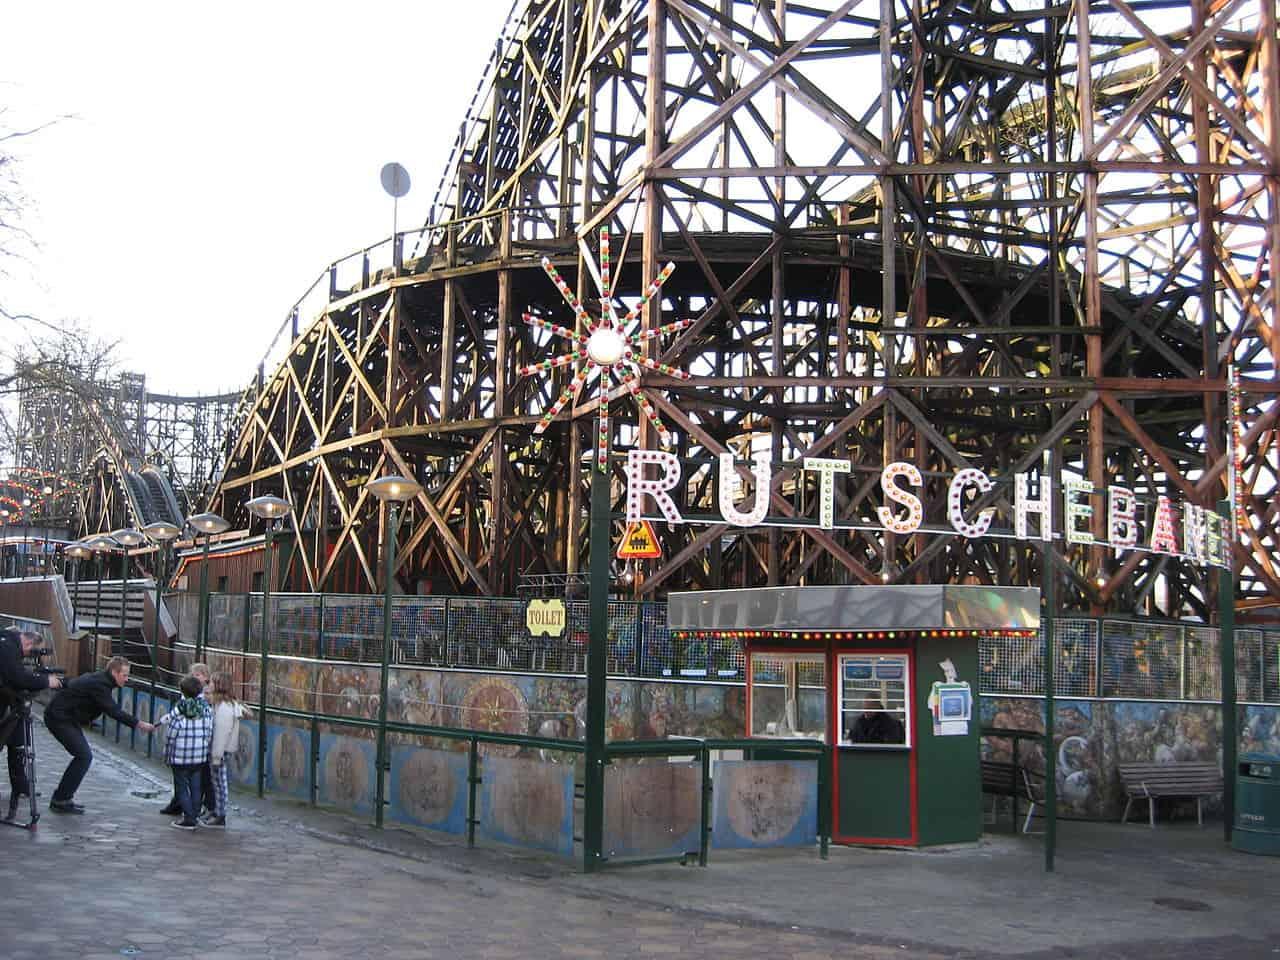 The entrance to the Rutschebanen